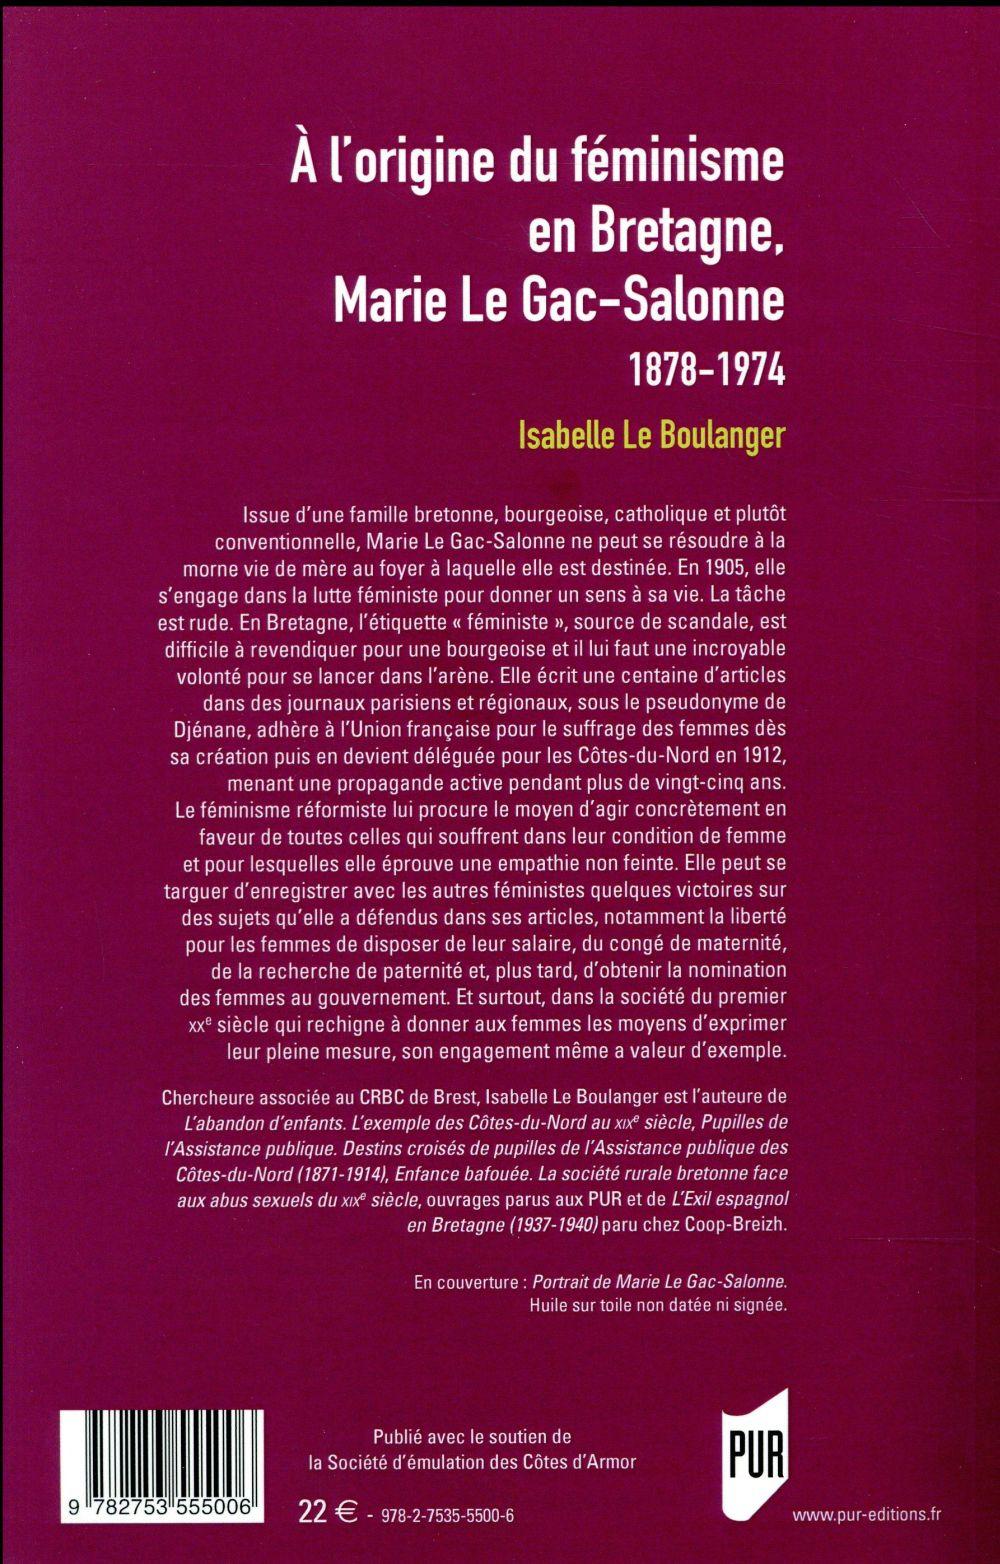 à l'origine du féminisme en Bretagne ; Marie Le Gac-Salome